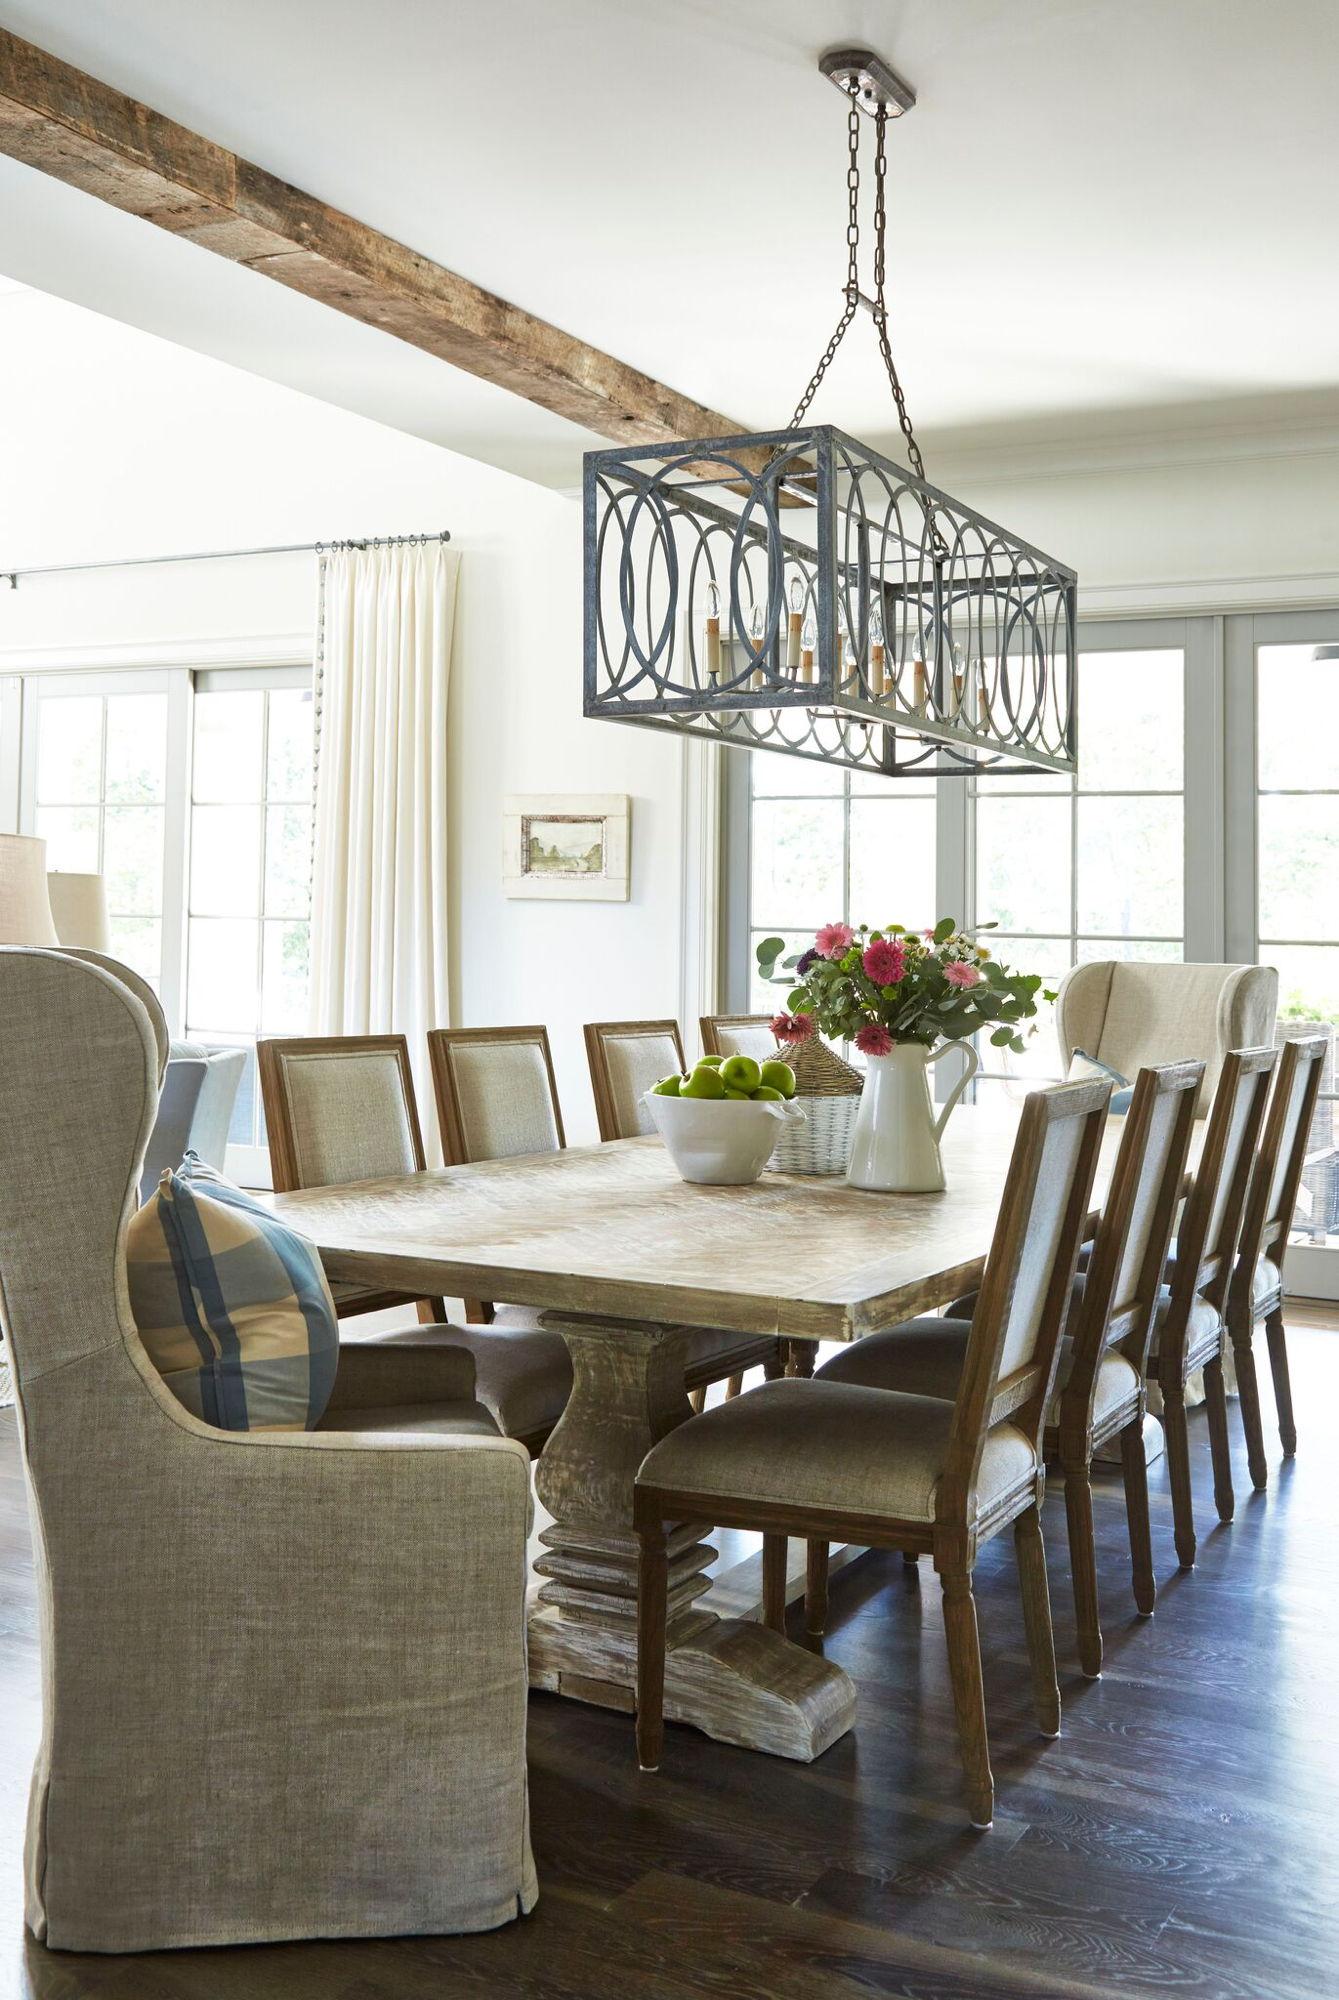 Lisa-Gabrielson-DesignBOCIAN KITCHEN TABLE.jpg